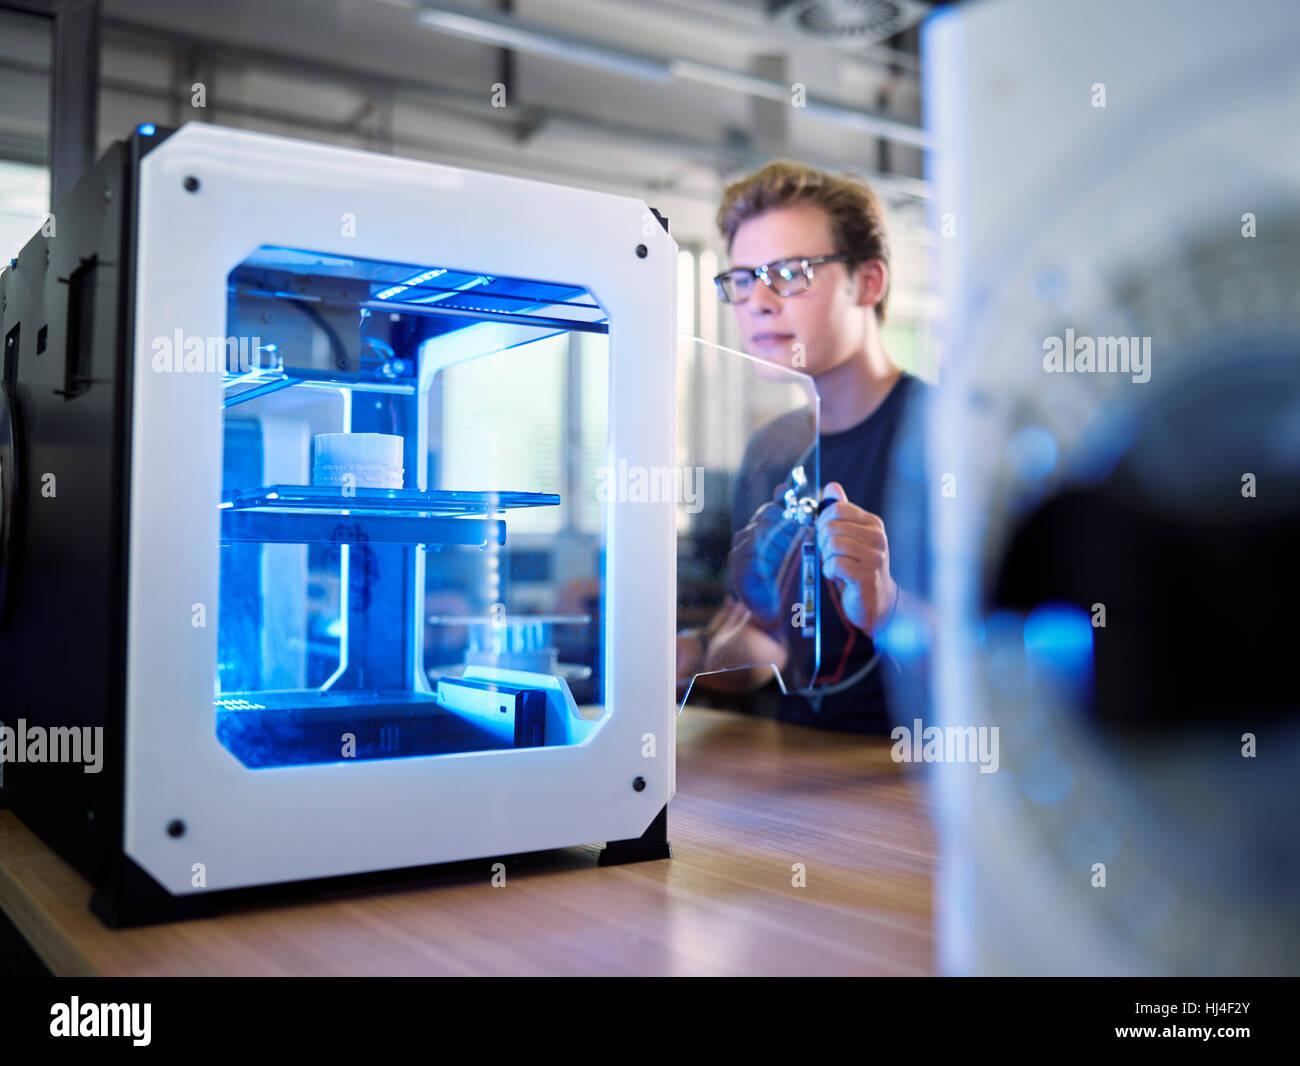 Mitarbeiter, 25-30 Jahre, Eröffnung 3D-Drucker in Produktionslabor FabLab, Wattens, Tirol, Österreich Stockbild